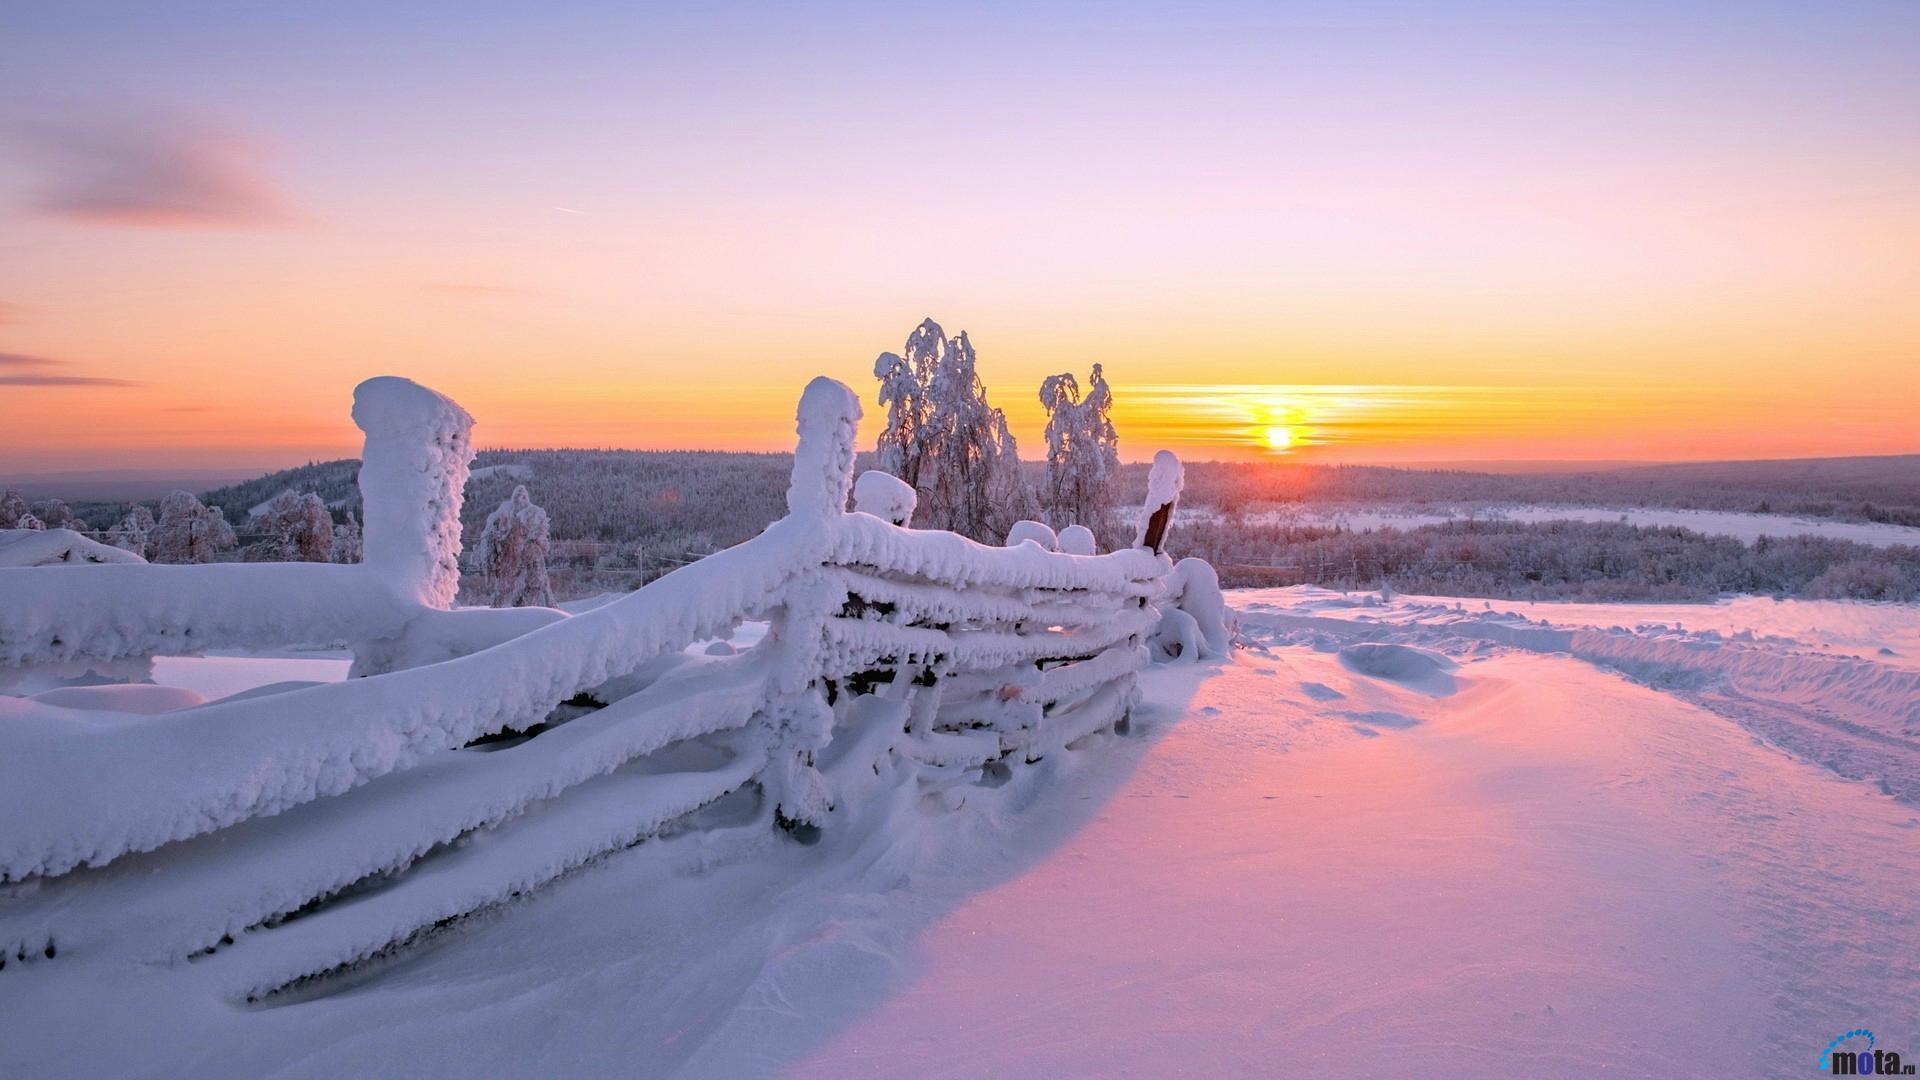 Winter sunrise desktop wallpaper wallpapersafari for Foto inverno per desktop